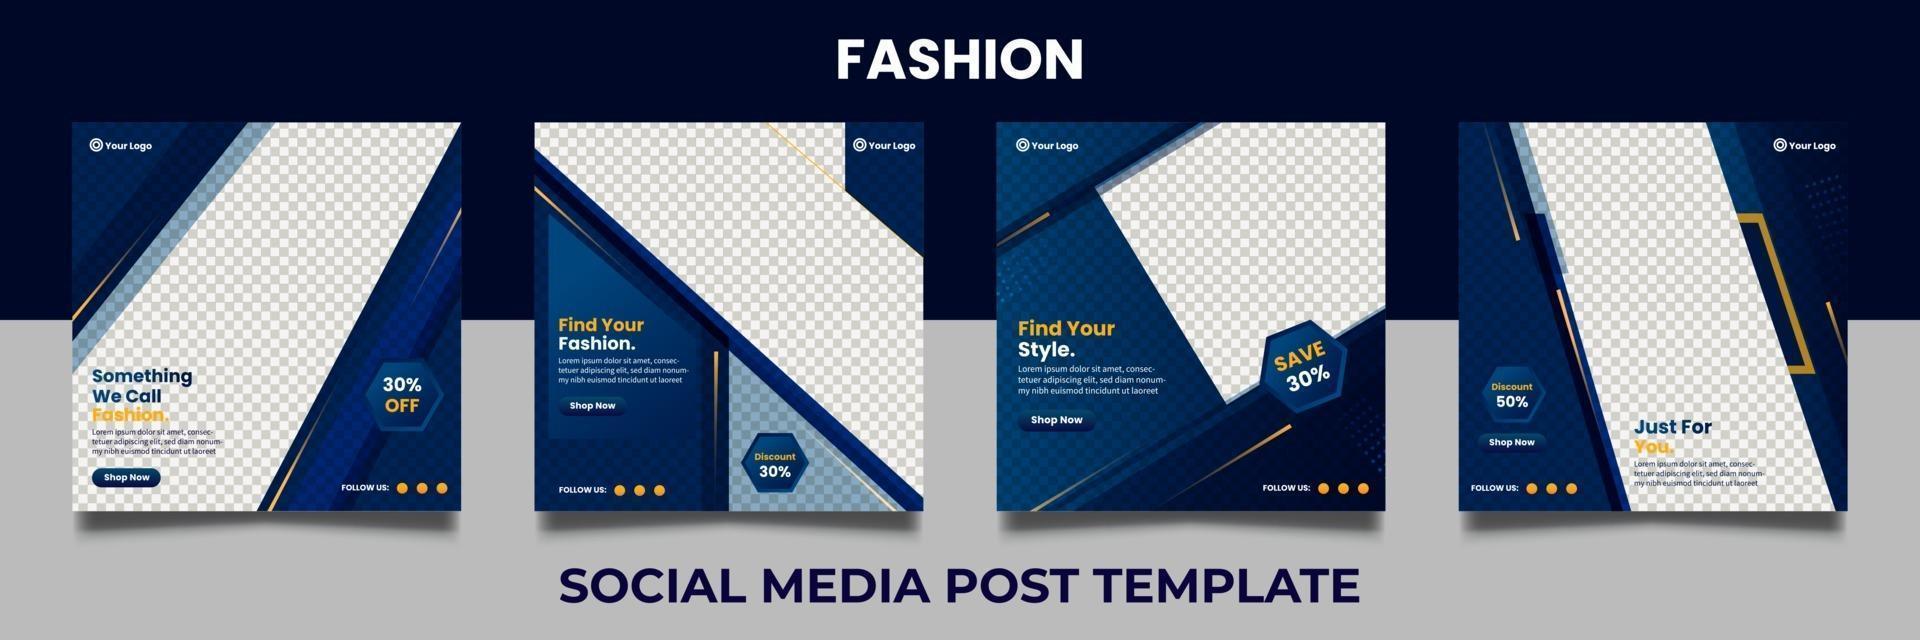 mode verkoop sociale media post-sjablonen. verkoop- en kortingsachtergronden. vector illustratie.